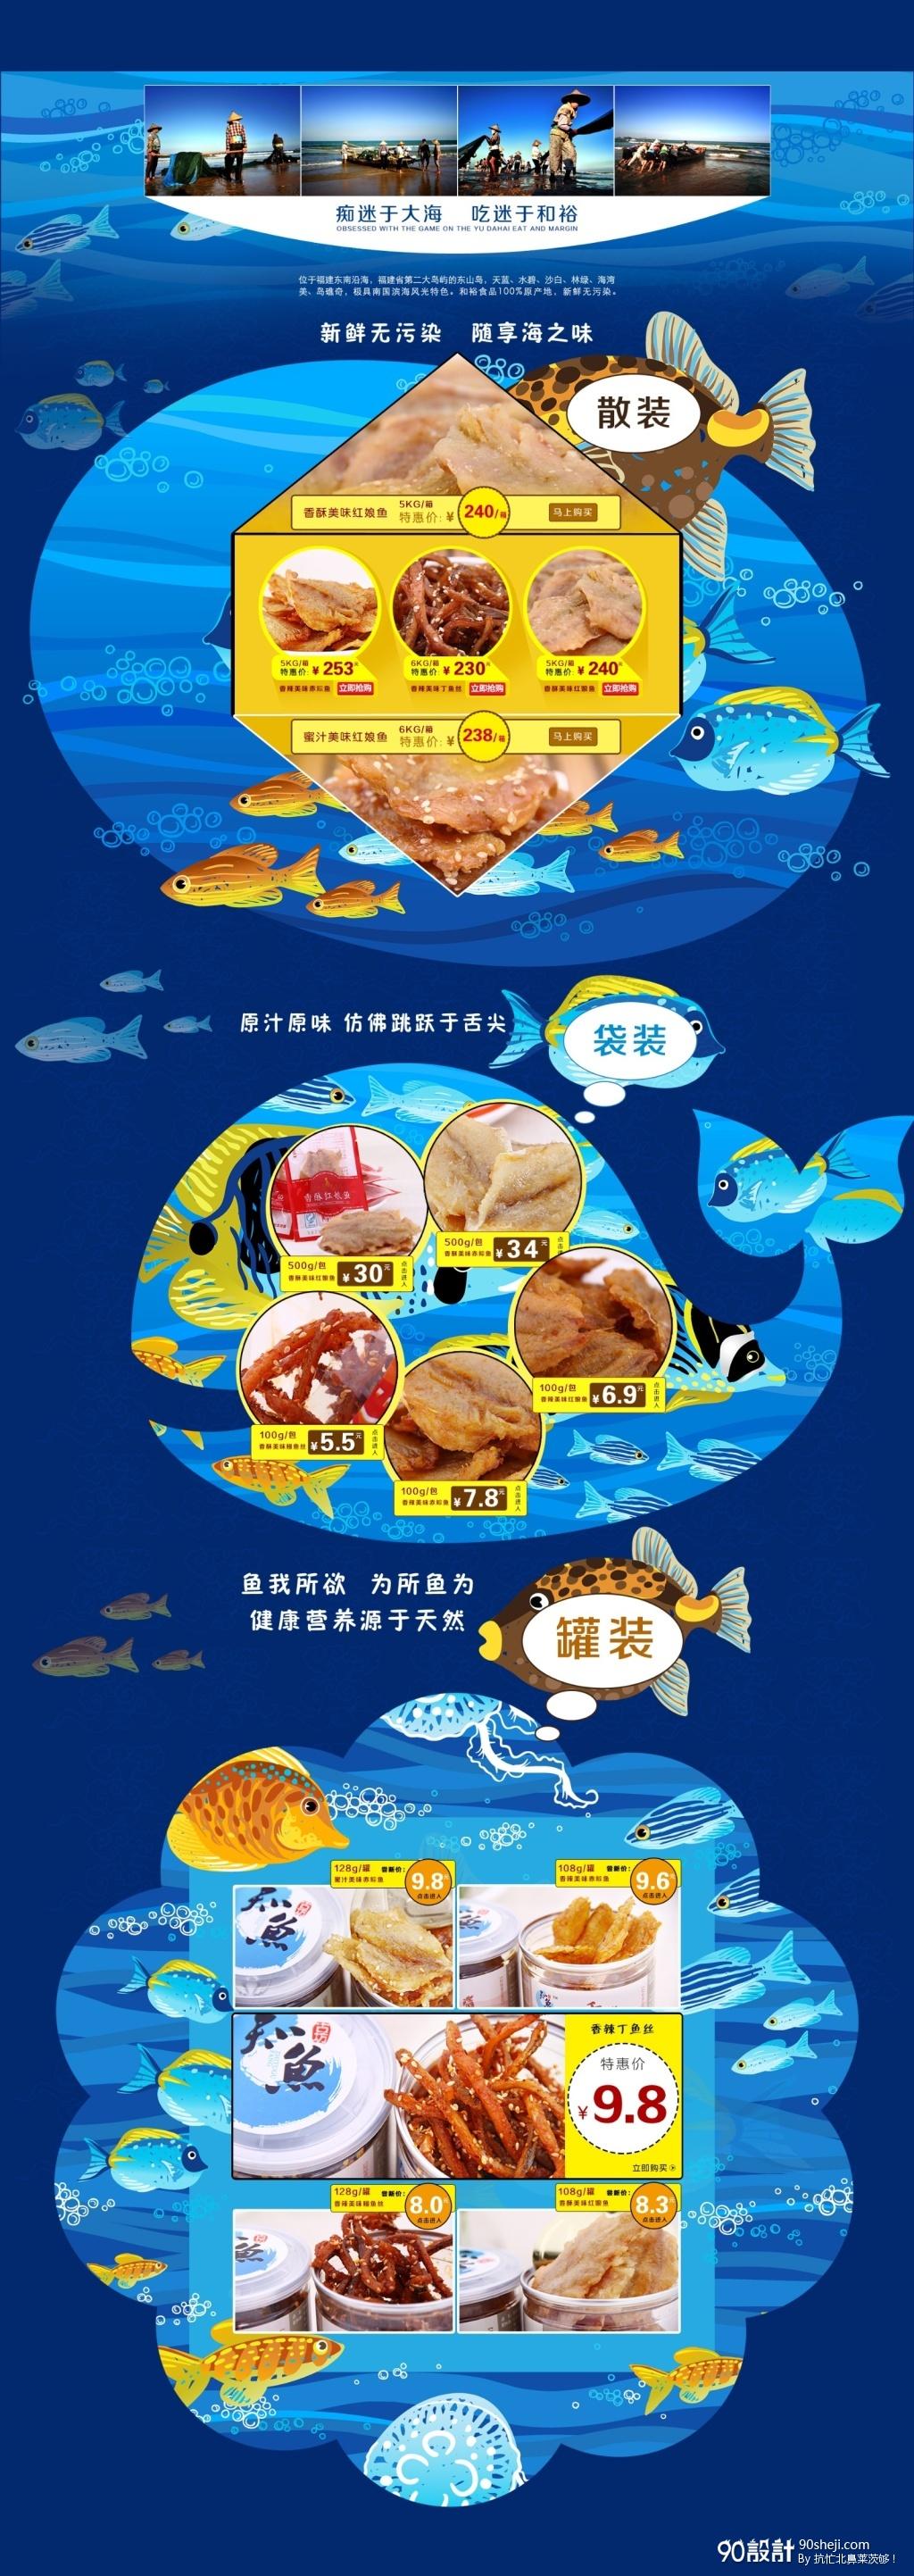 海鲜干货首页_店铺首页设计_90设计90sheji.com